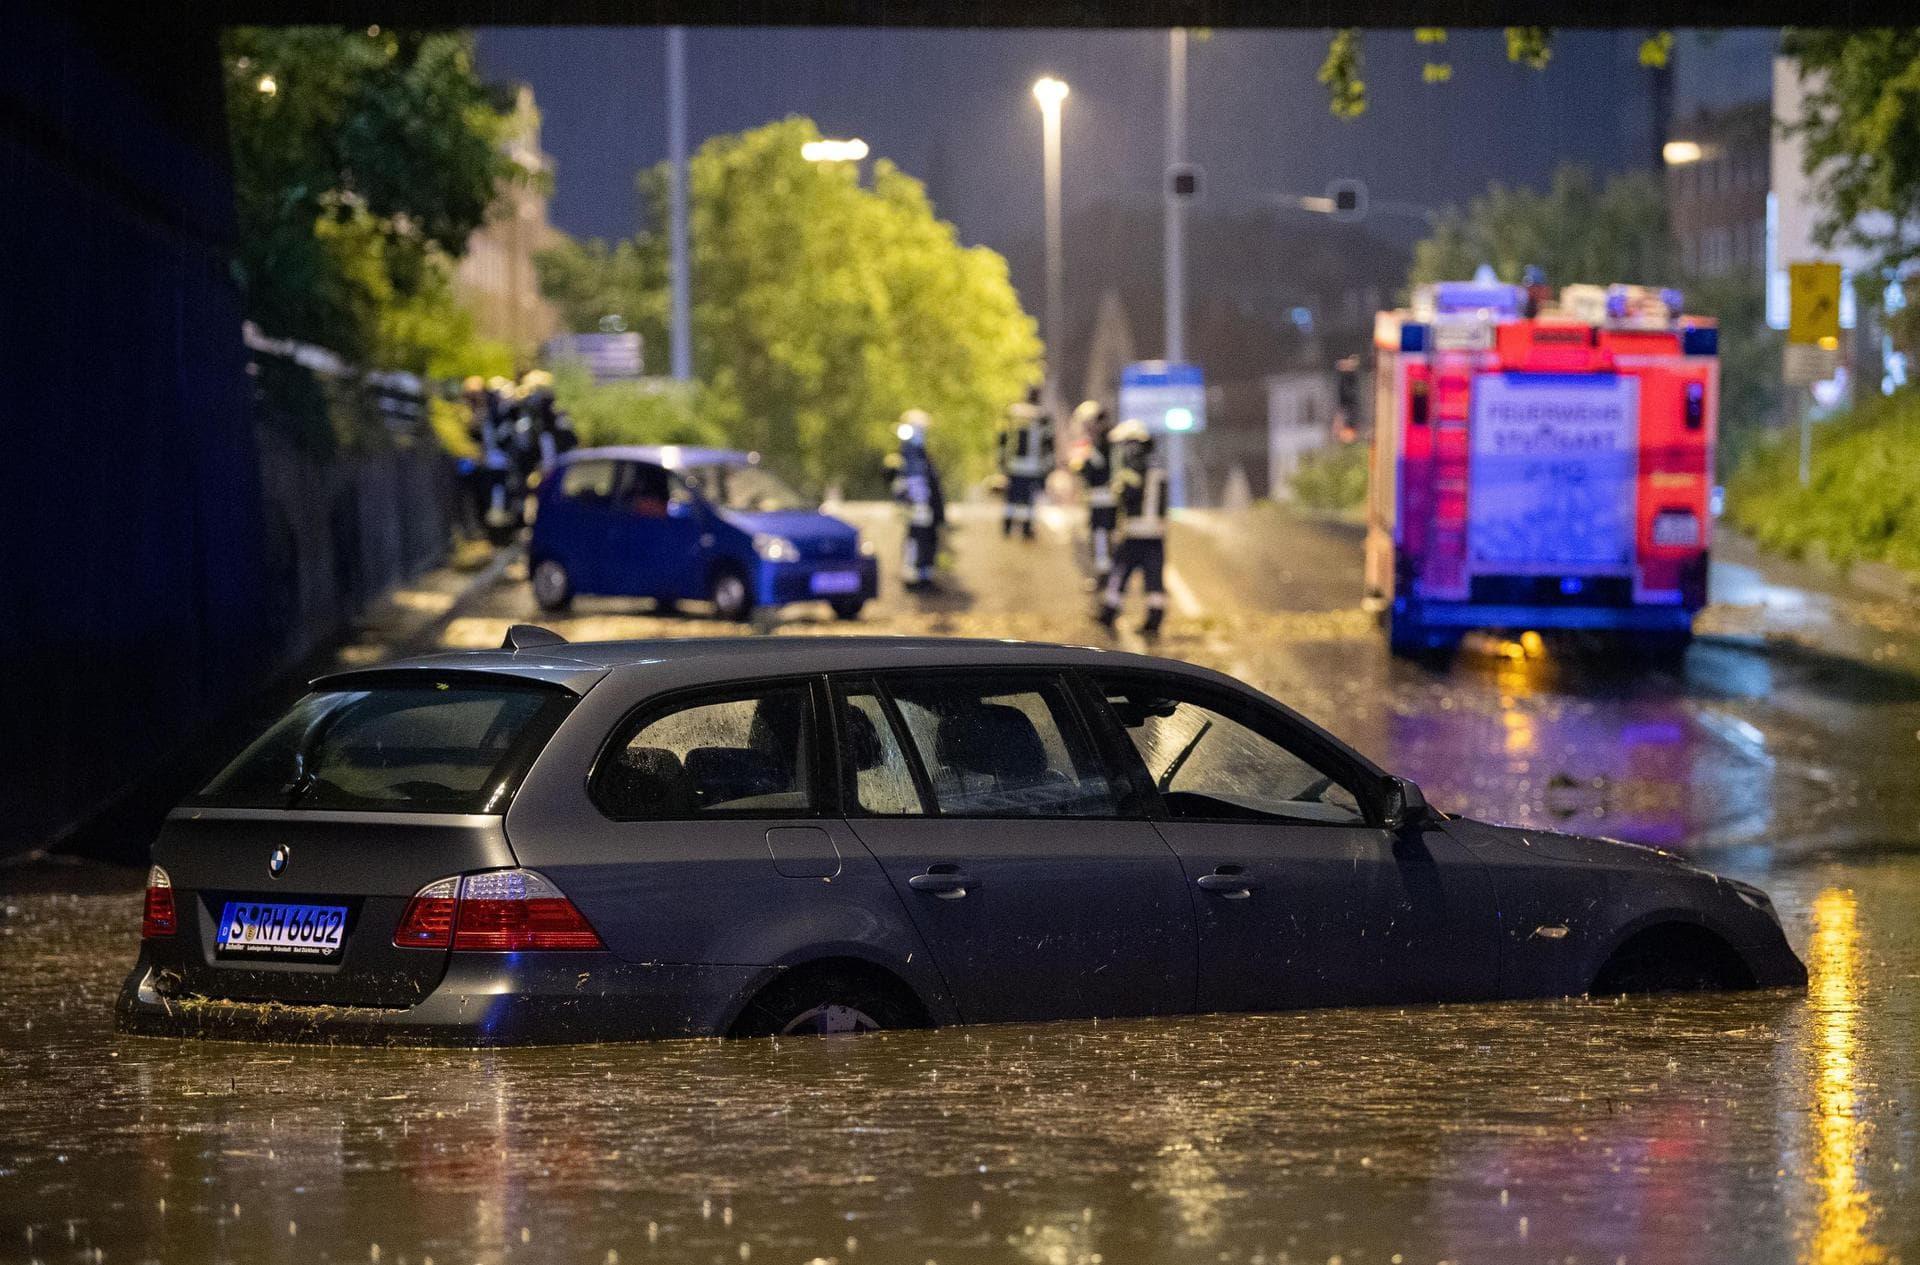 Unwetter in Teilen Deutschlands hält Einsatzkräfte auf Trab Wetter in Deutschland